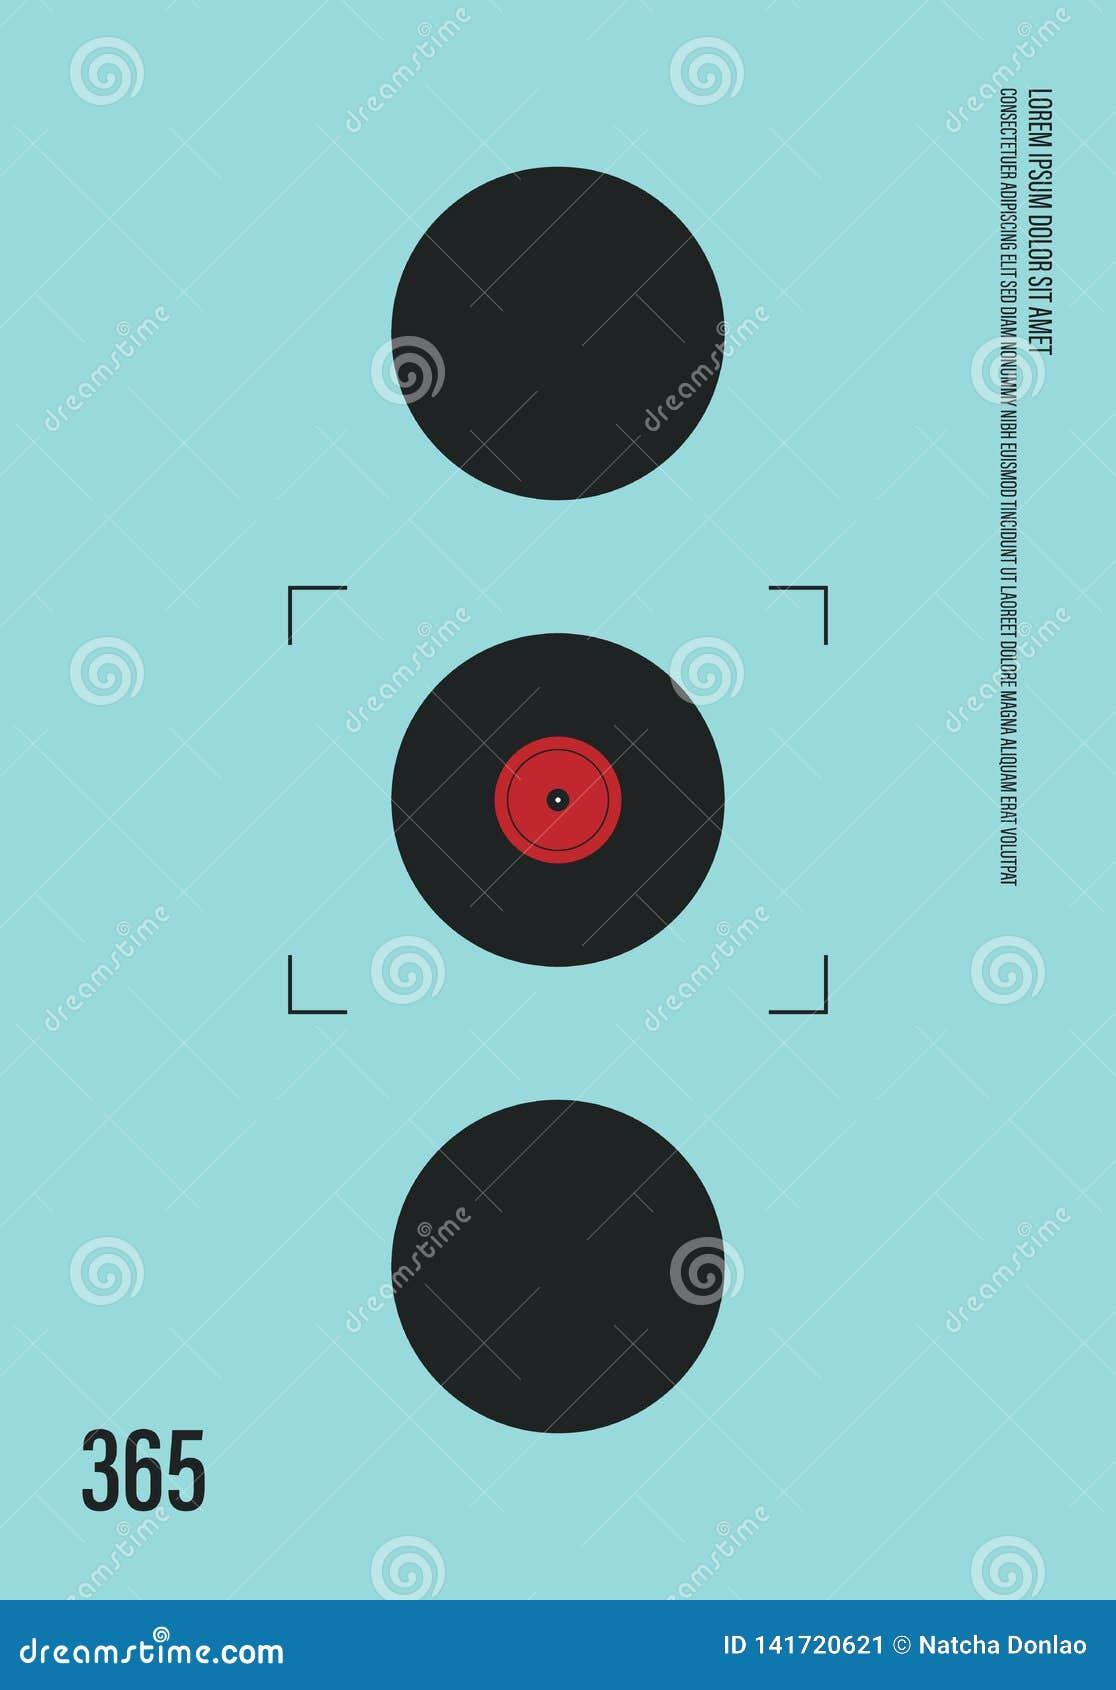 Estilo Retro Del Vintage Moderno Del Cartel De La Música